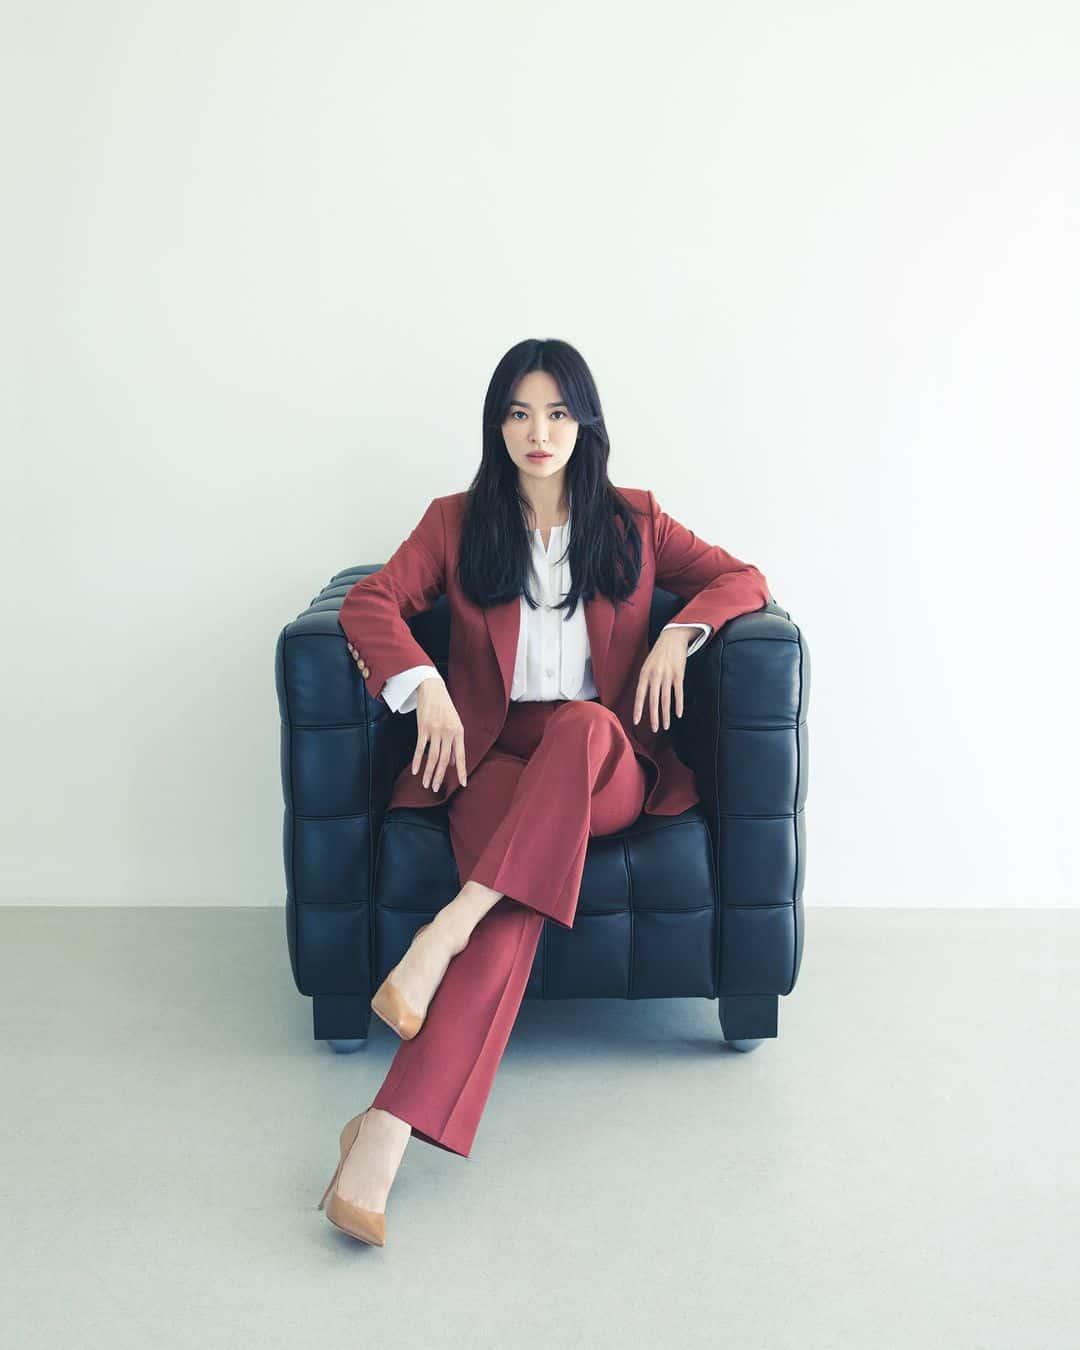 송혜교 인스타그램 출처